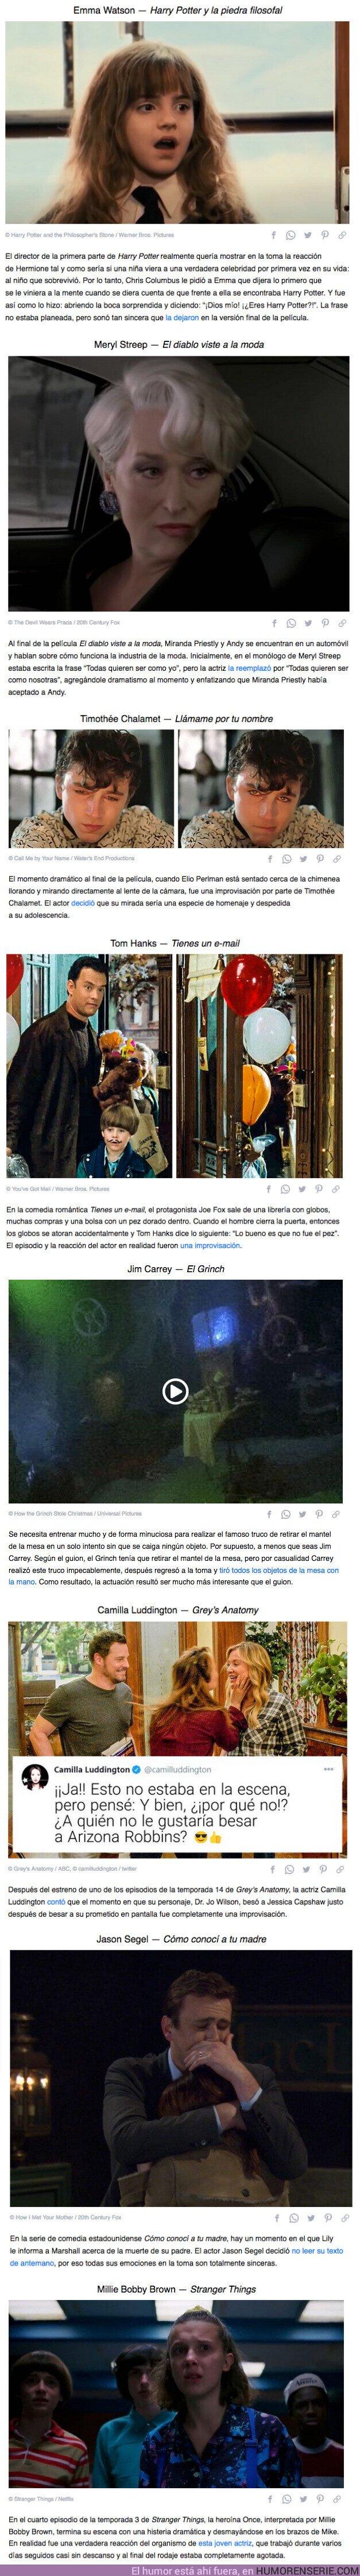 65287 - GALERÍA: 10 Escenas memorables en las series y películas que se obtuvieron por casualidad